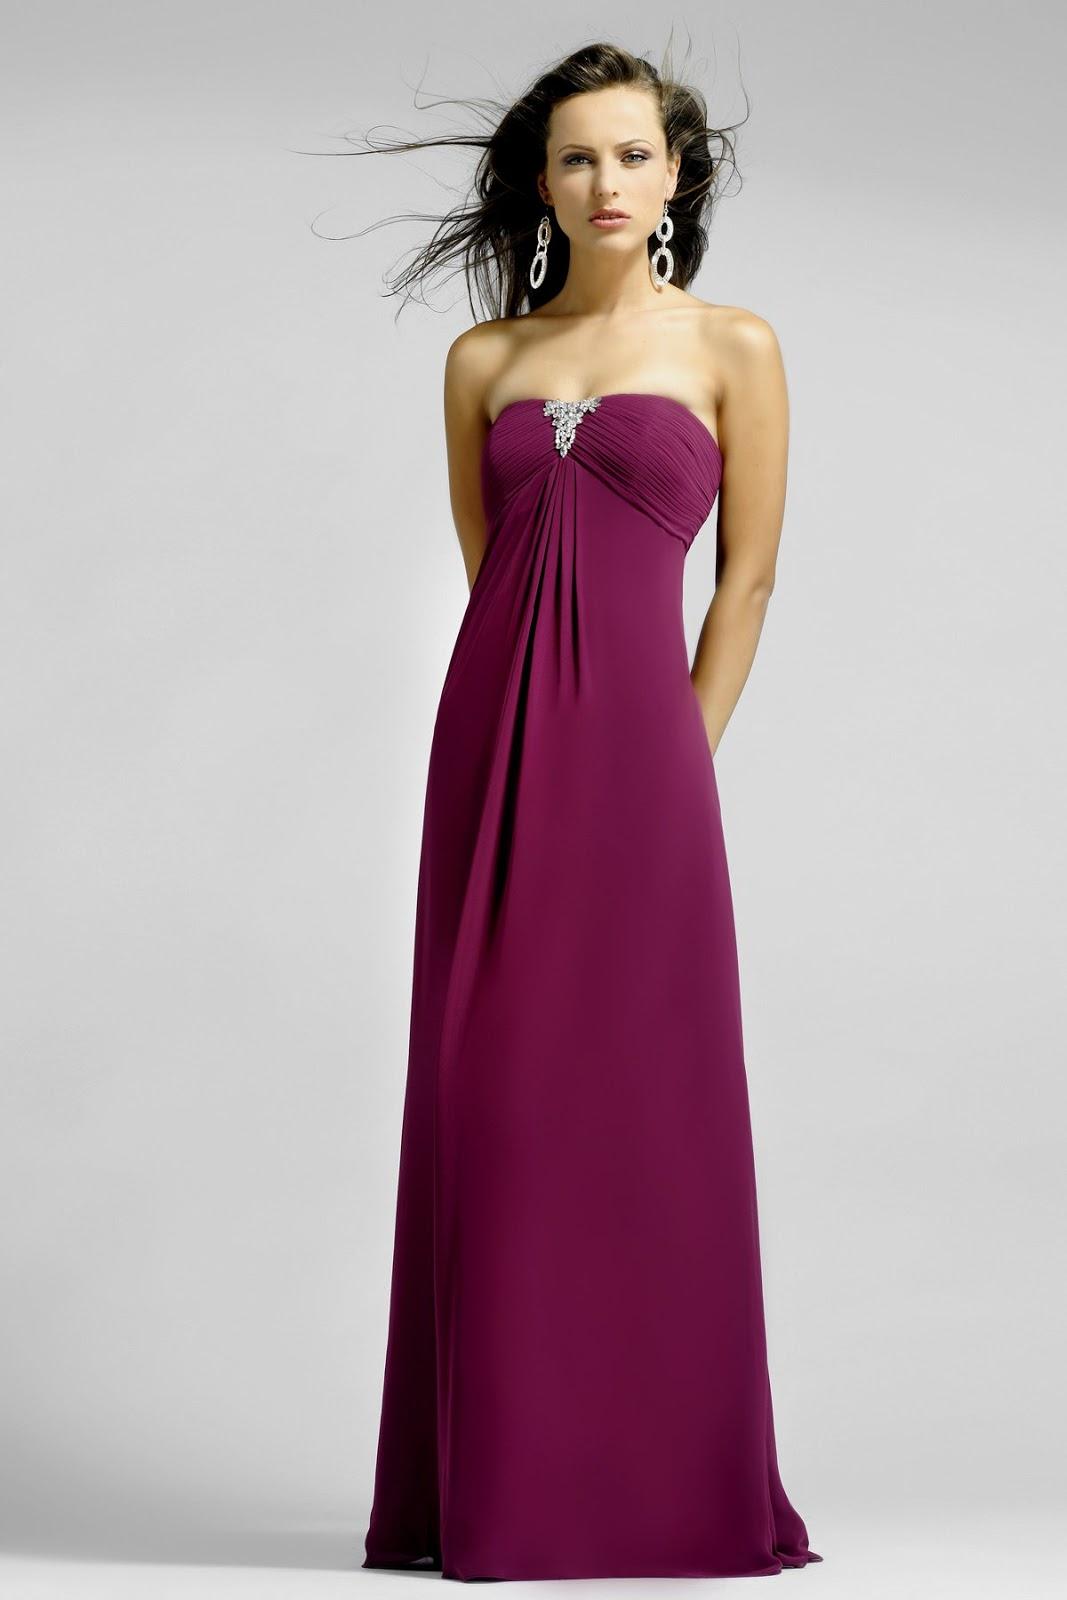 Vestidos de noche, la opción perfecta | Vestidos | Moda 2018 - 2019